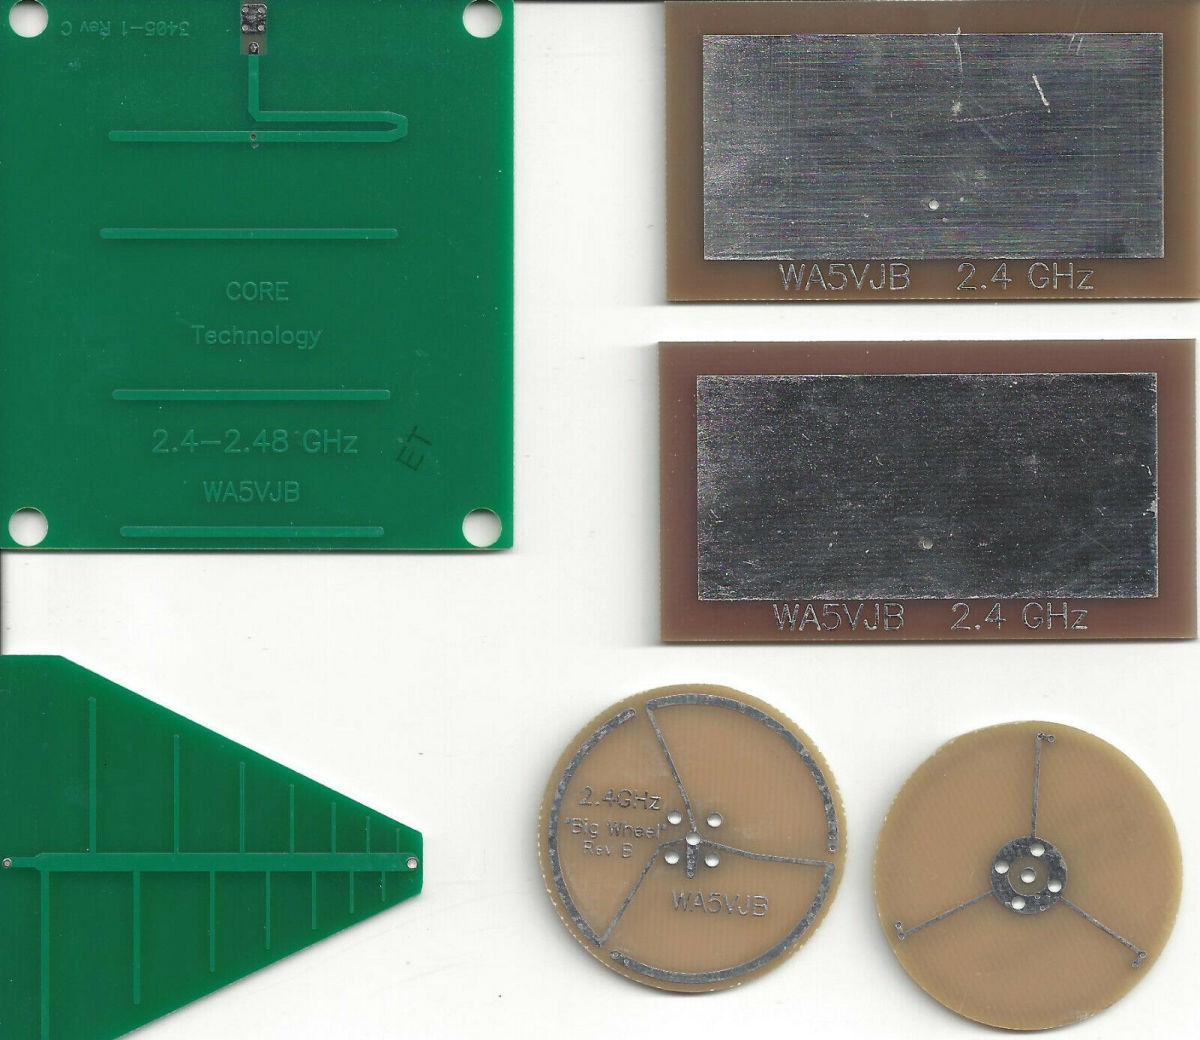 A diverse array of 2.4 GHz antennas